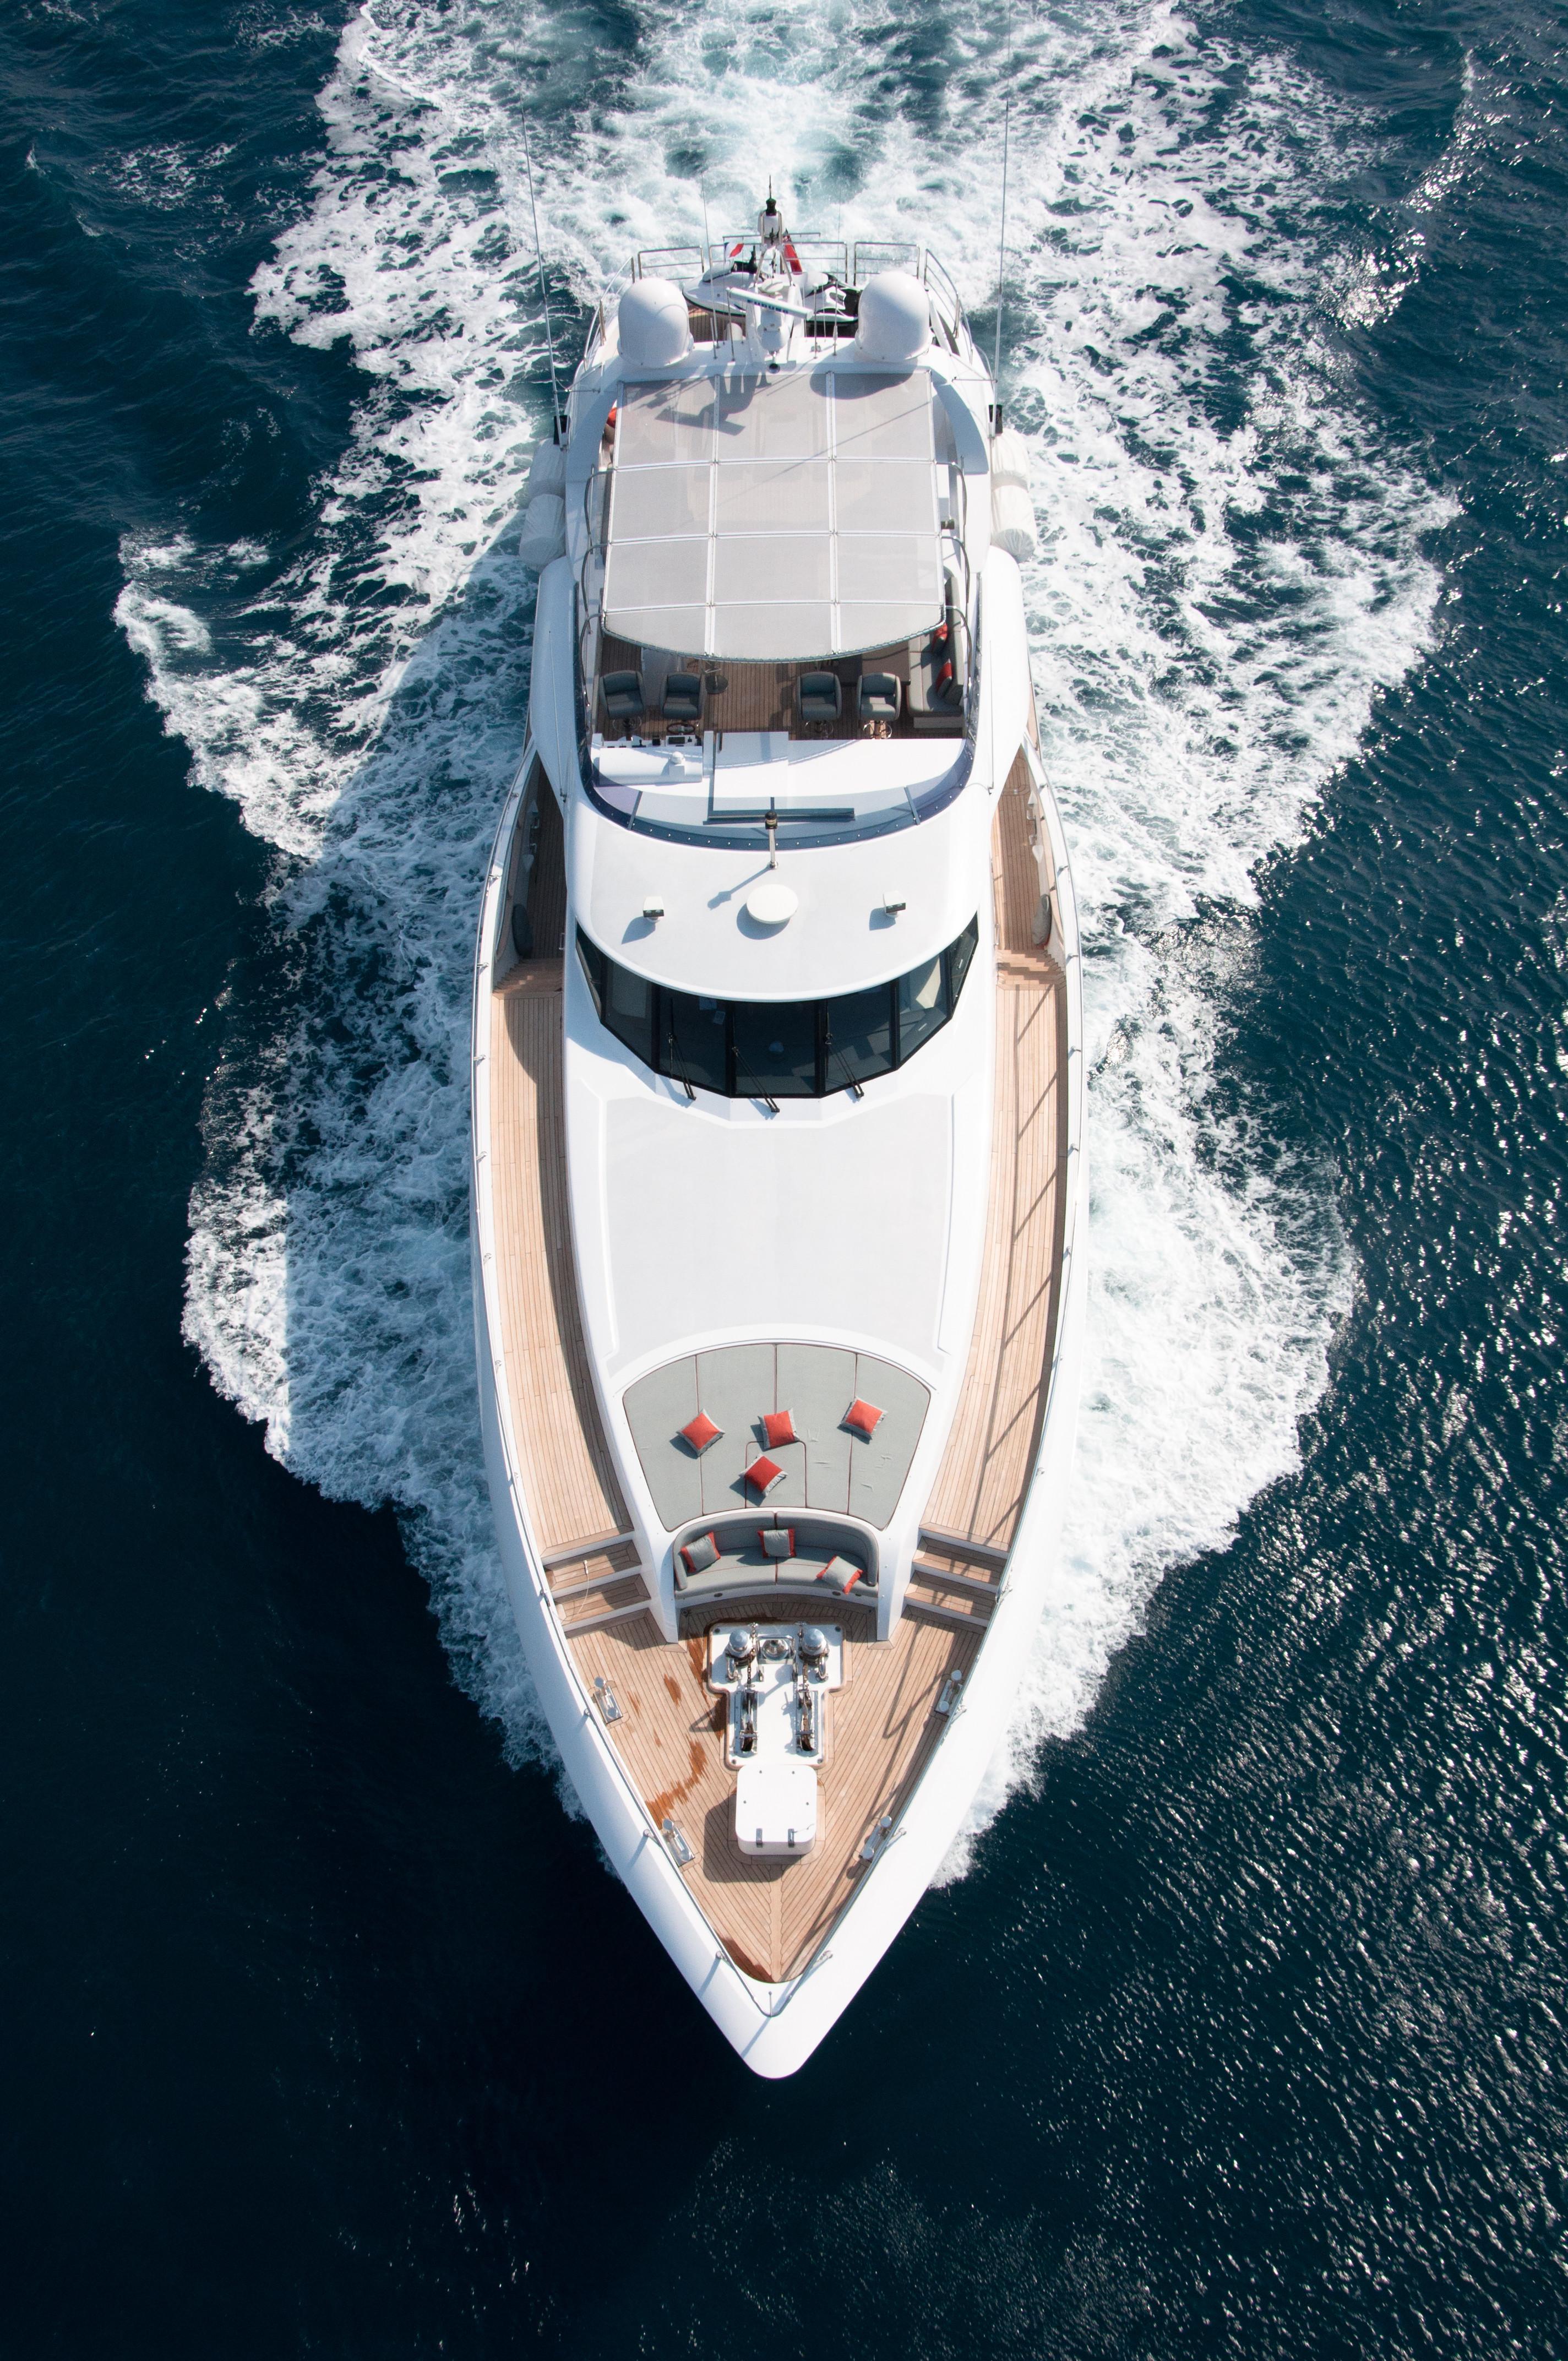 GEMS at sea